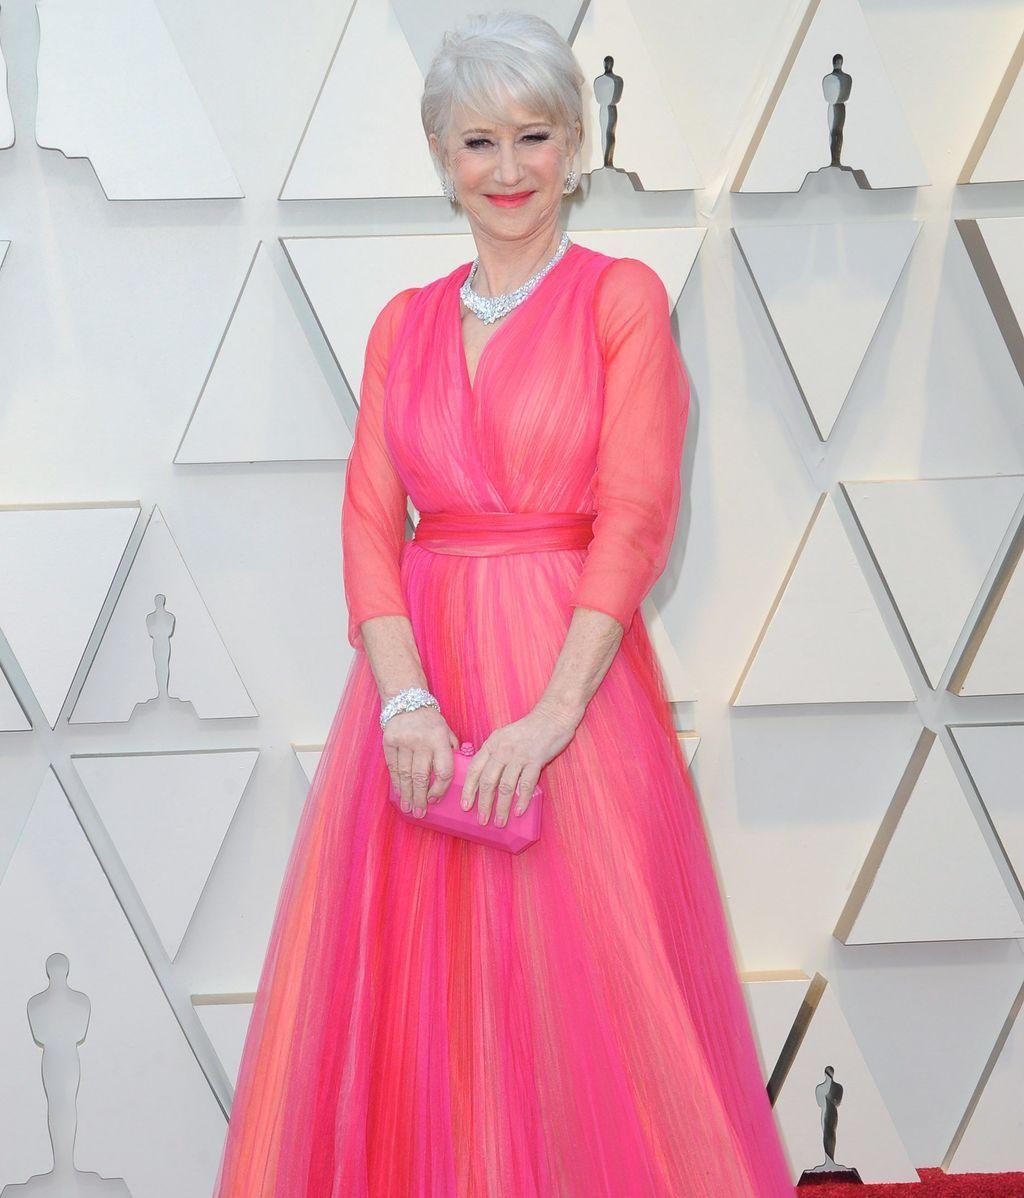 Helen Mirren con un vestido de tul que mezcla diferentes tonalidades de rosa y rojo